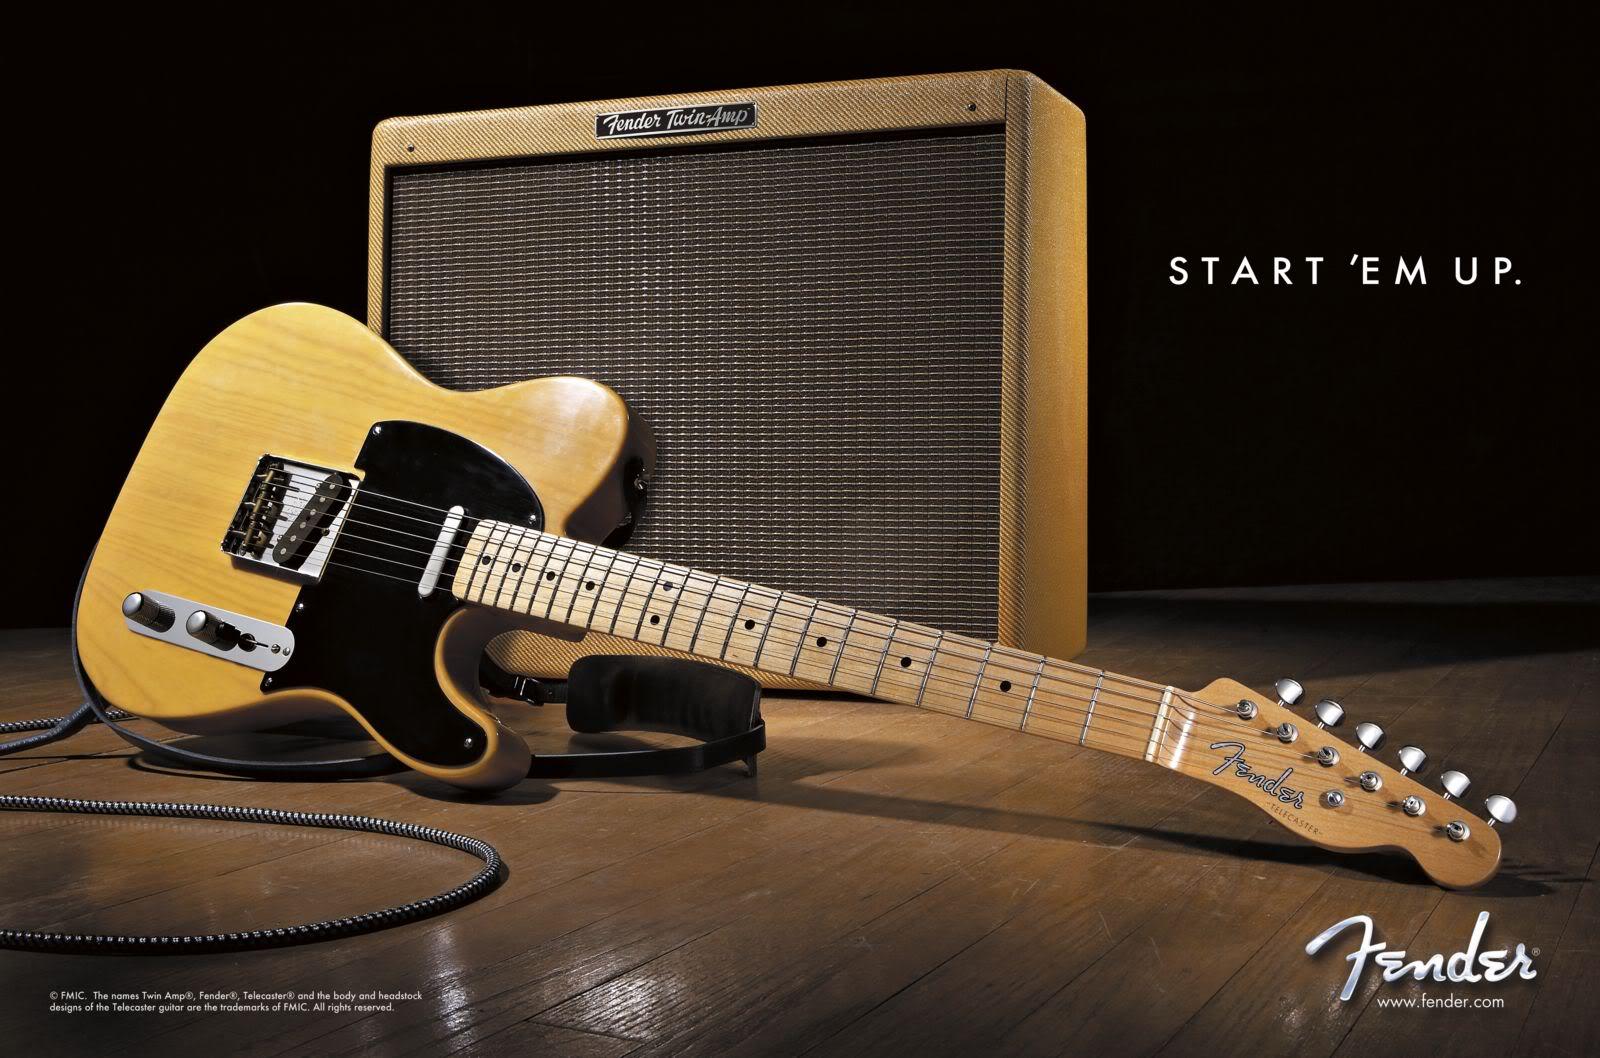 Bildergebnis für Fender Guitars